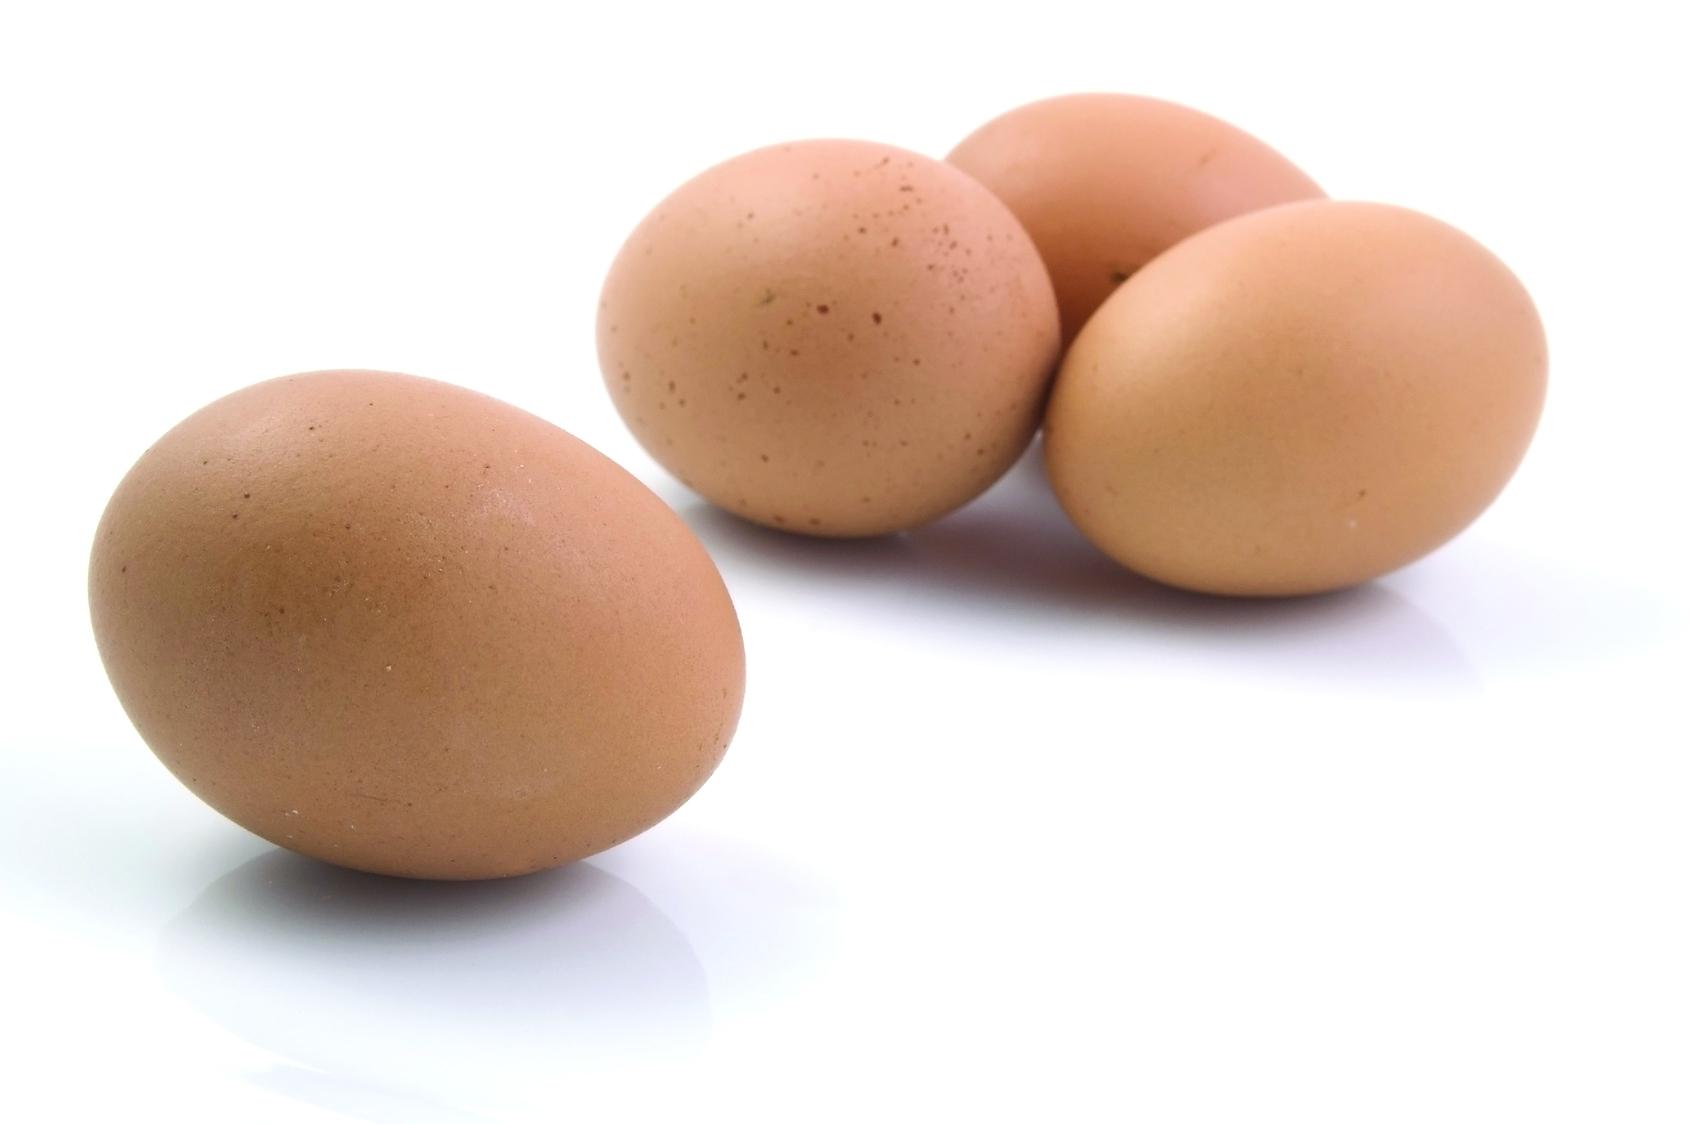 Cucinare un semplice uovo, a volte e per i non addetti ai lavori può risultare difficile, vediamo come cuocere le uova sode senza romperle.